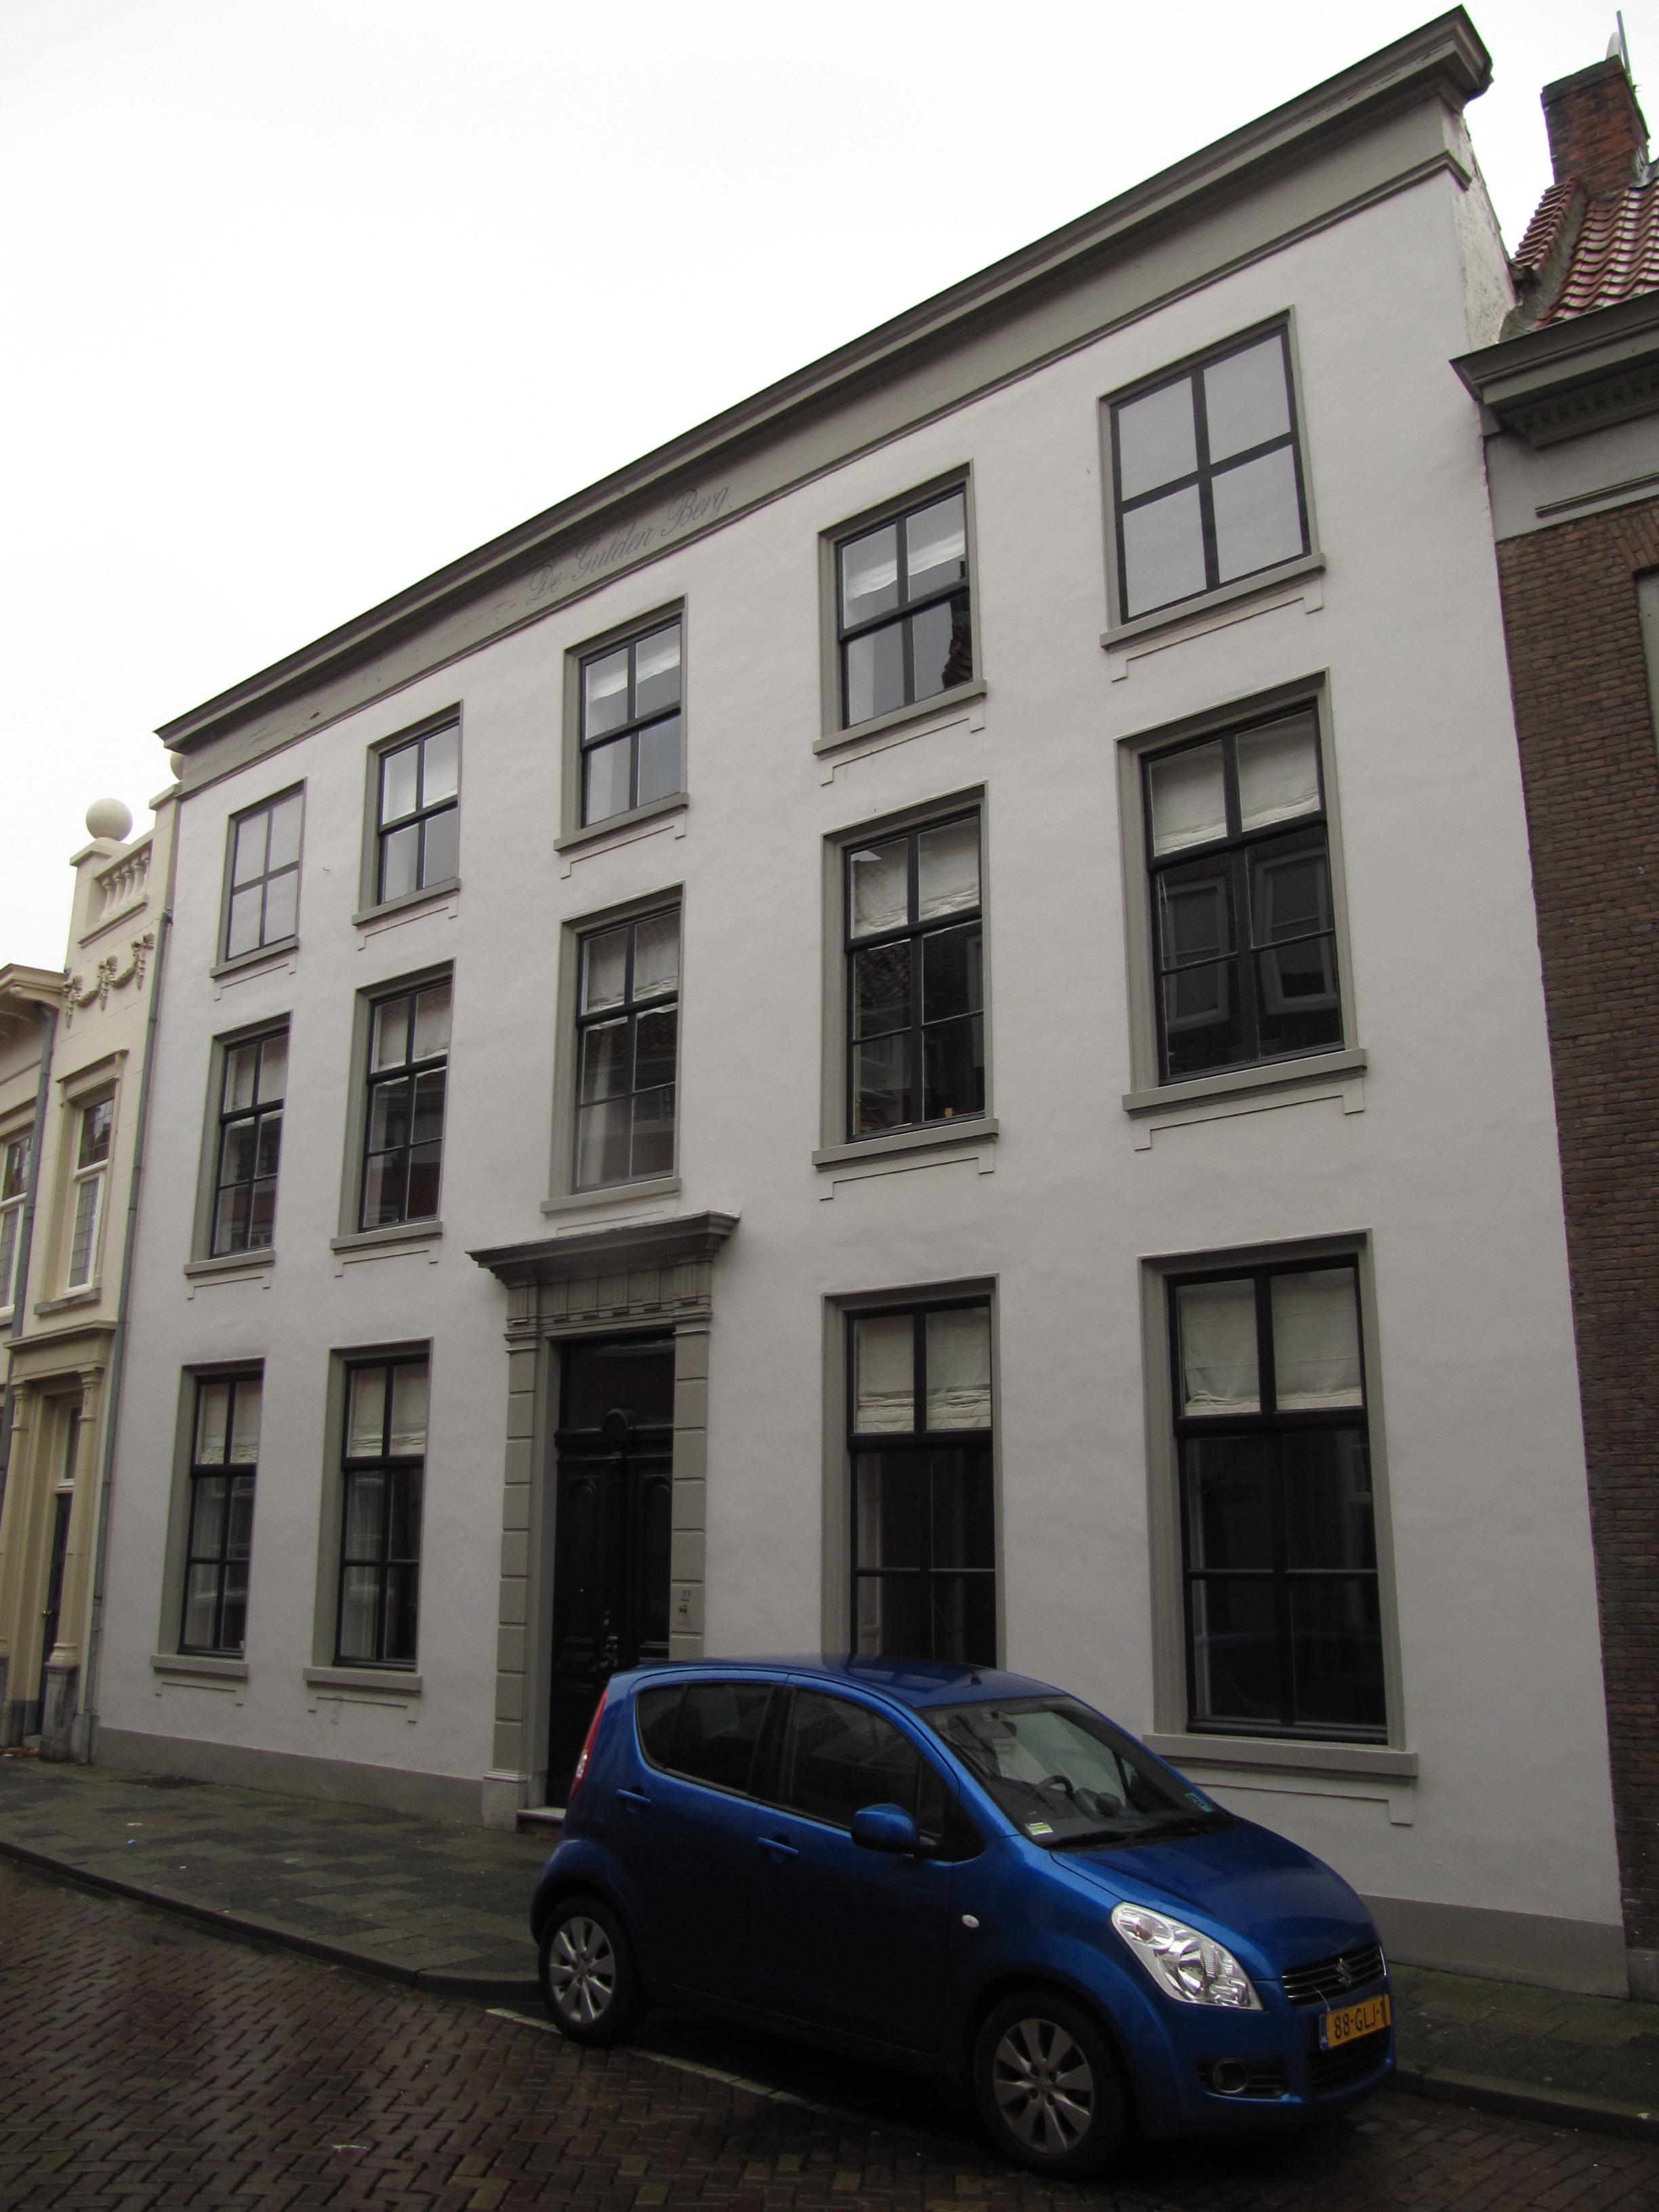 Huis met empire lijstgevel ingang met geblokte pilasters en kroonlijstje met triglyphen in - Huis ingang ...